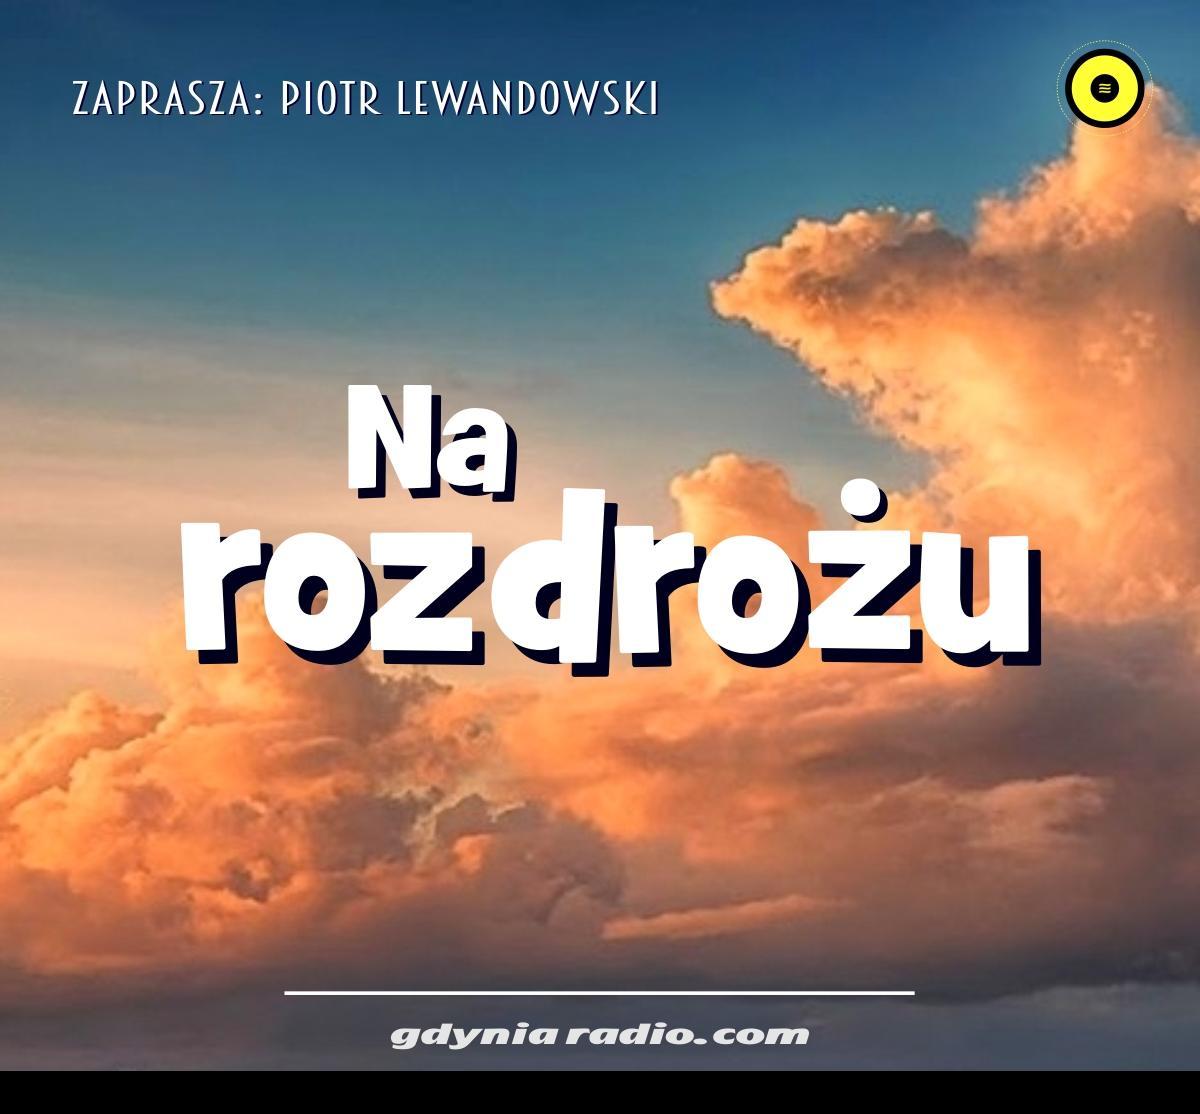 Gdynia Radio -2021- Na Rozdrozu - Piotr Lewandowski